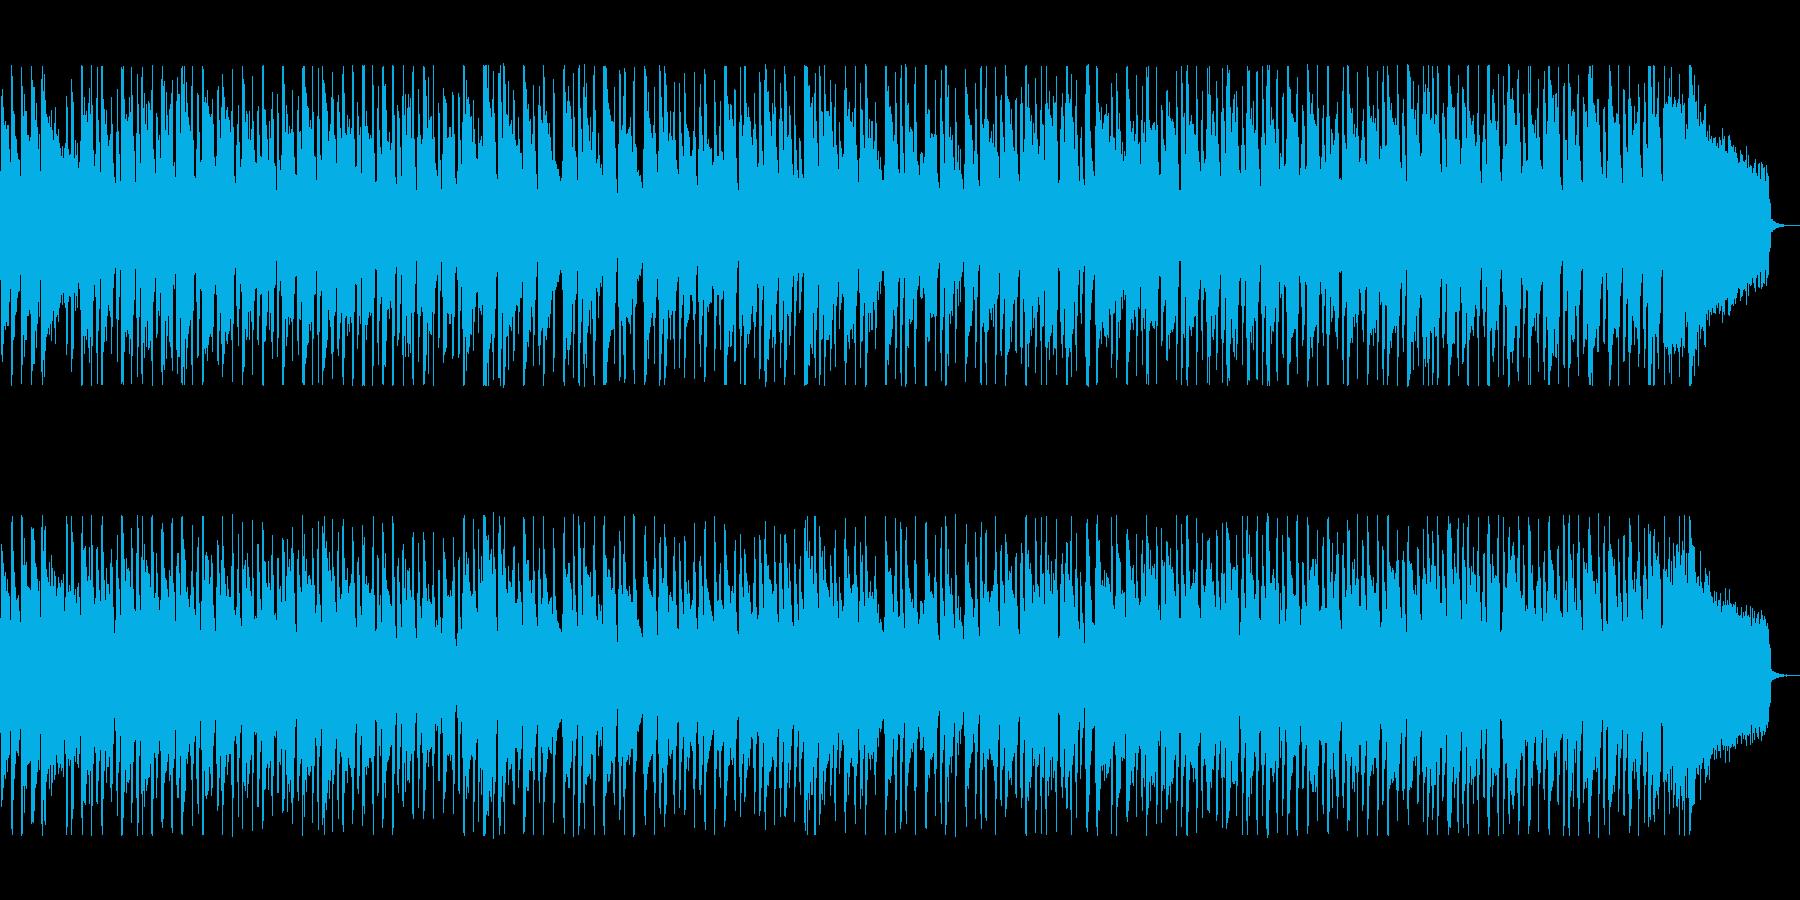 軽やかでキャッチーなシンセポップサウンドの再生済みの波形